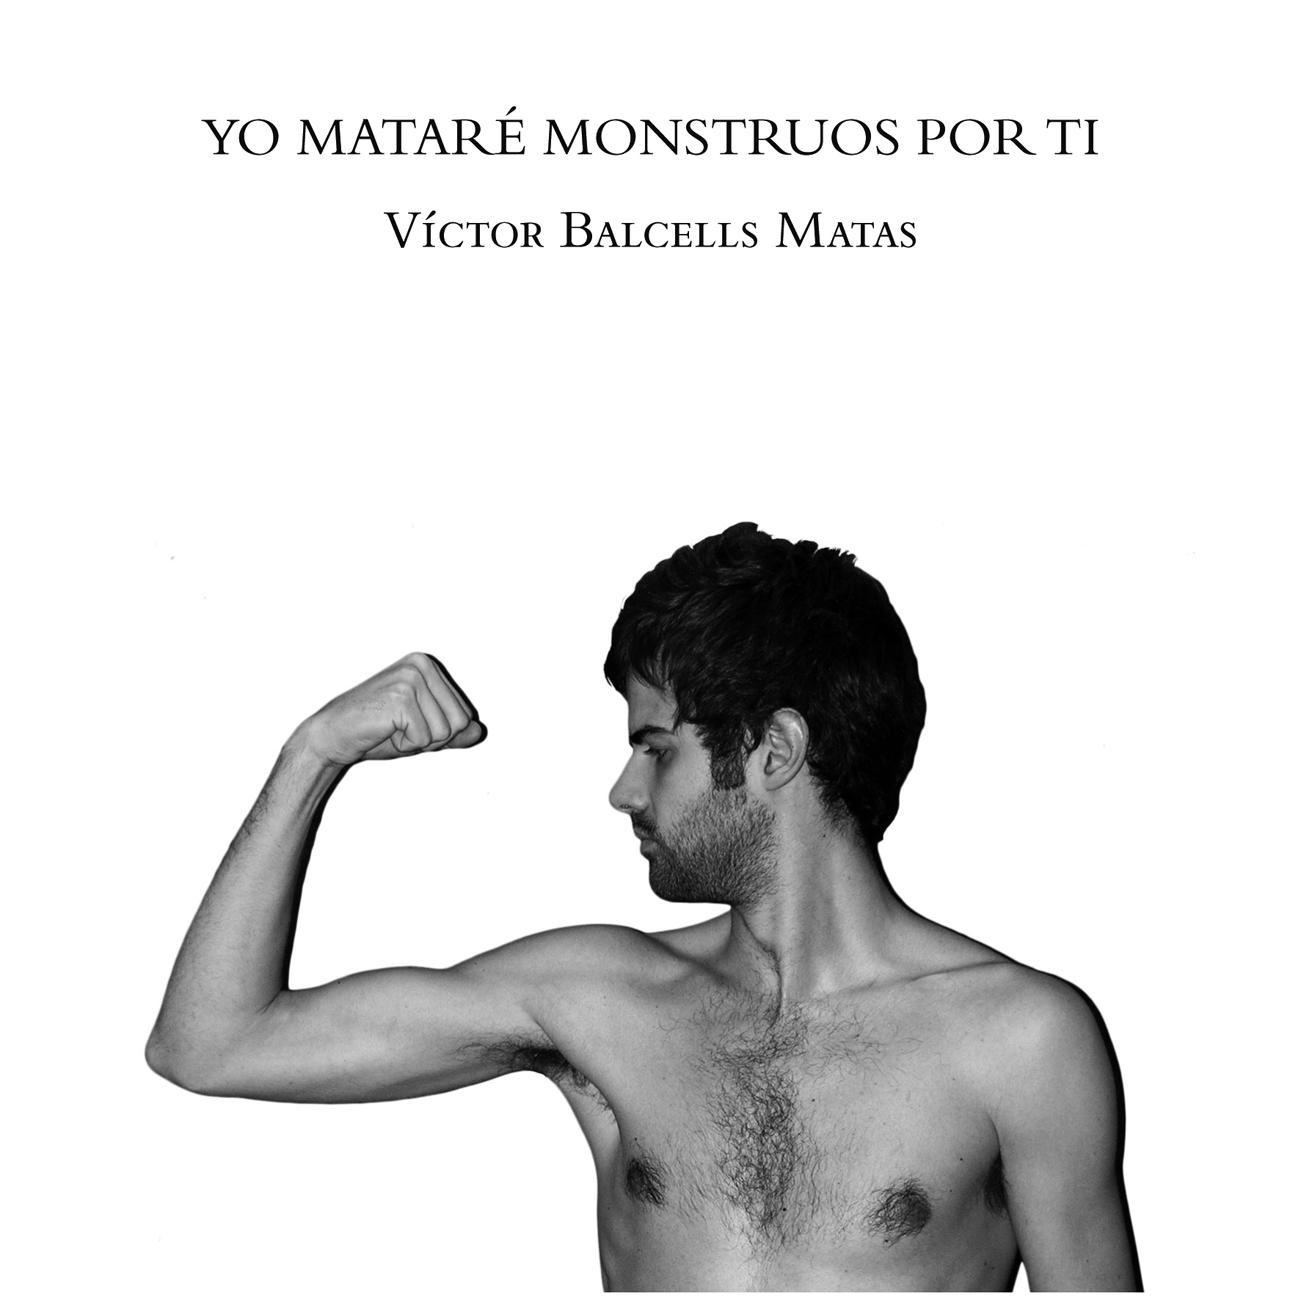 Descargar YO MATARE MONSTRUOS POR TI